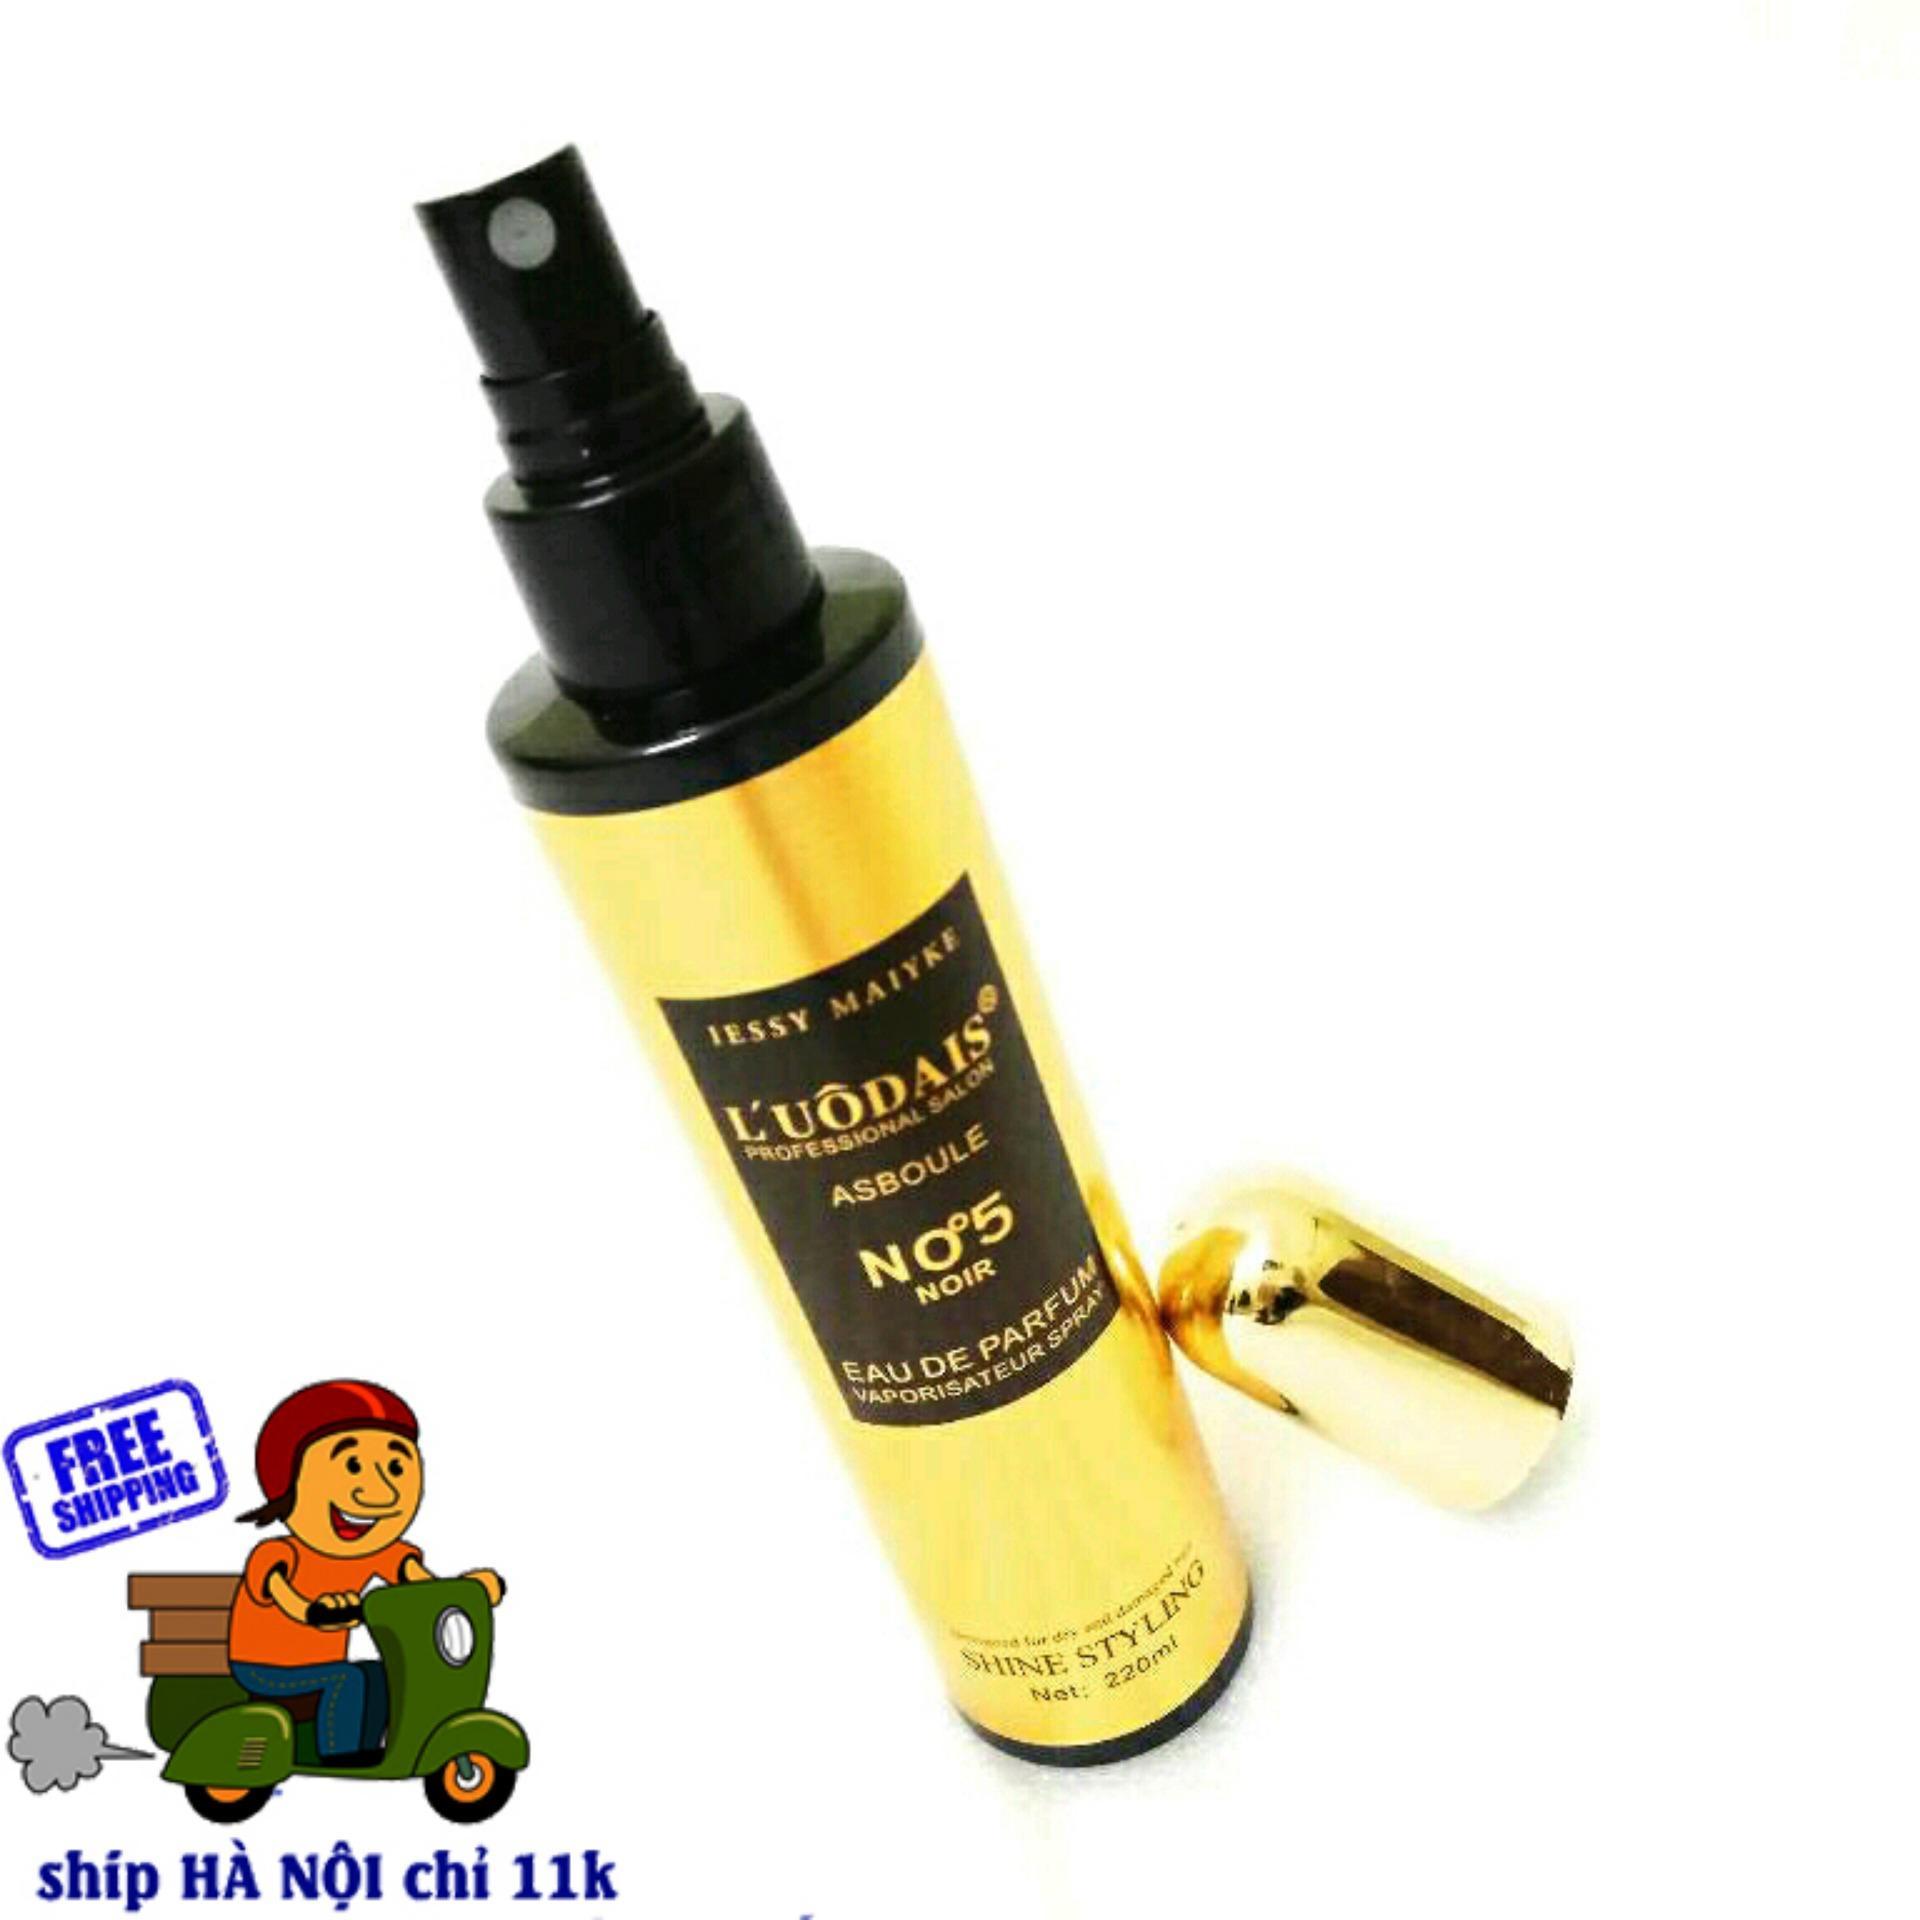 Hình ảnh Xịt dưỡng tóc hương nước hoa No5 ( 220ml )